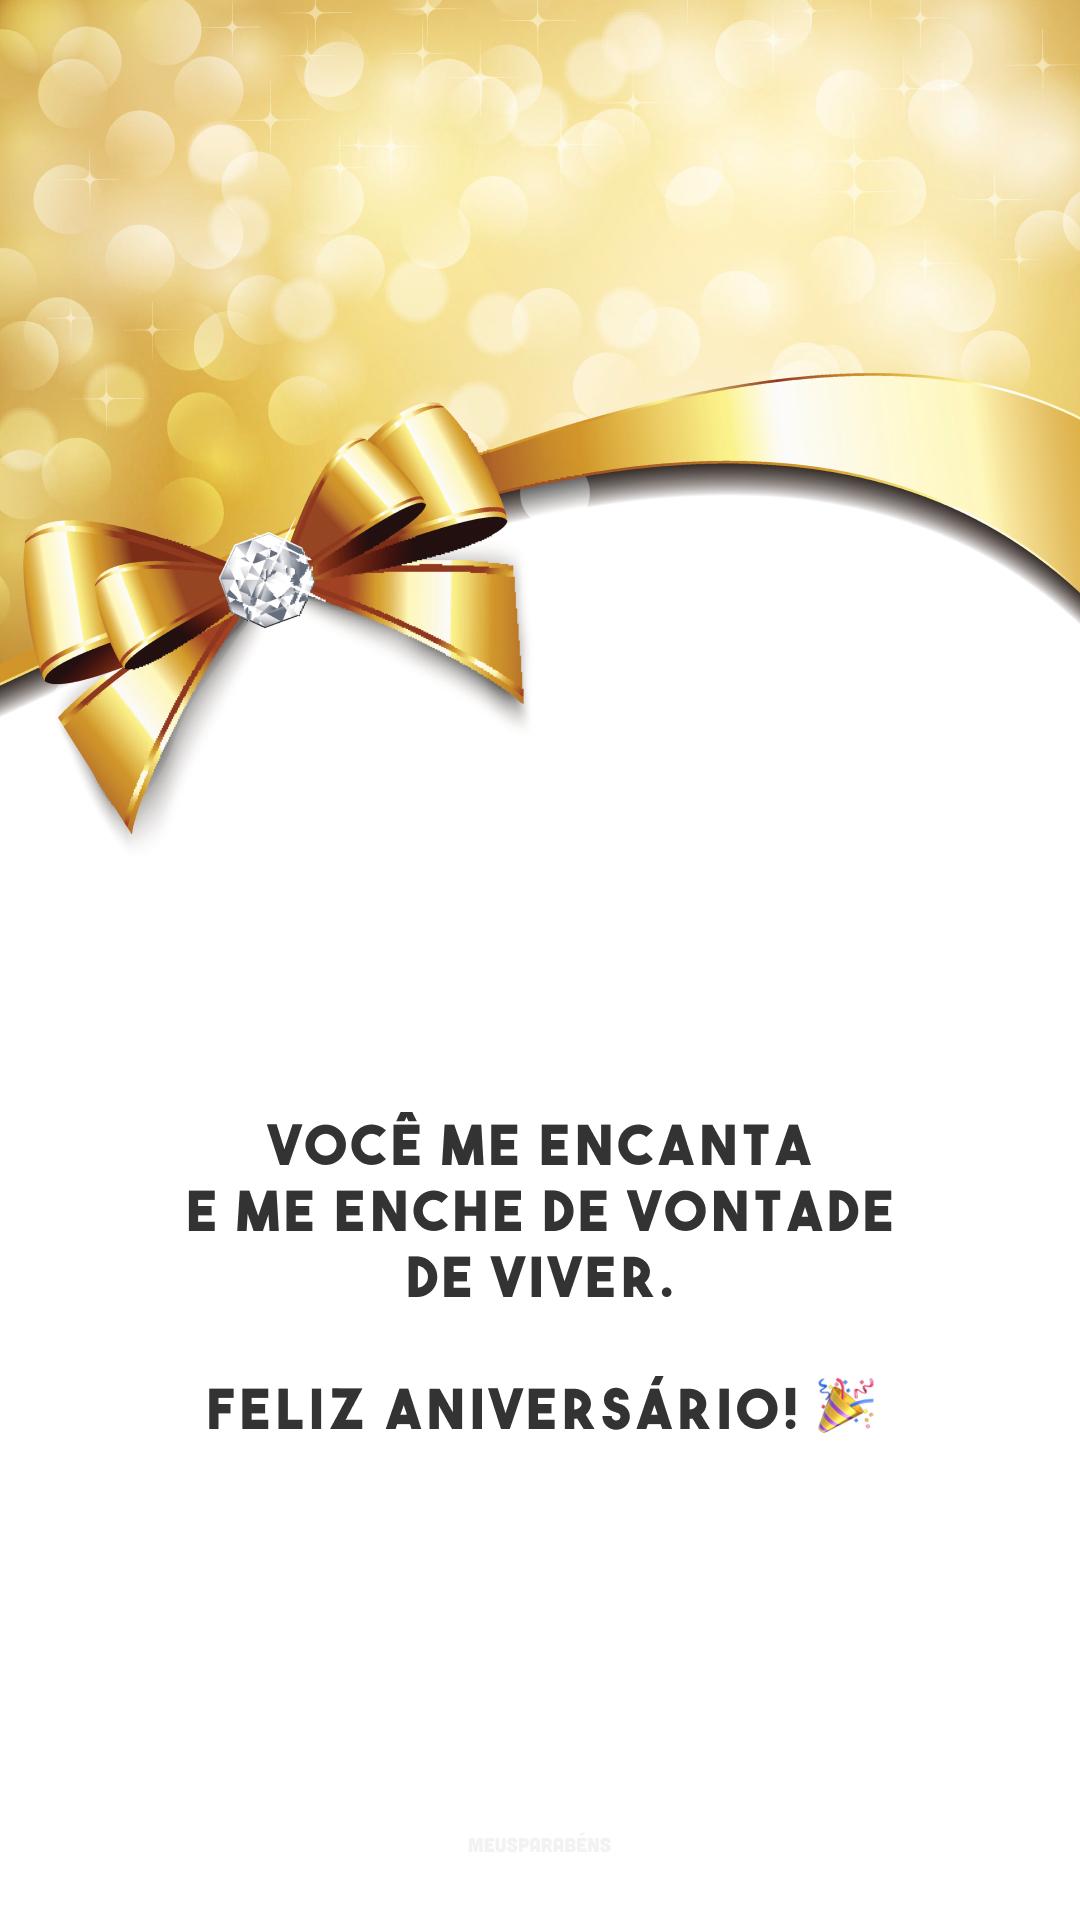 Você me encanta e me enche de vontade de viver. Feliz aniversário! 🎉